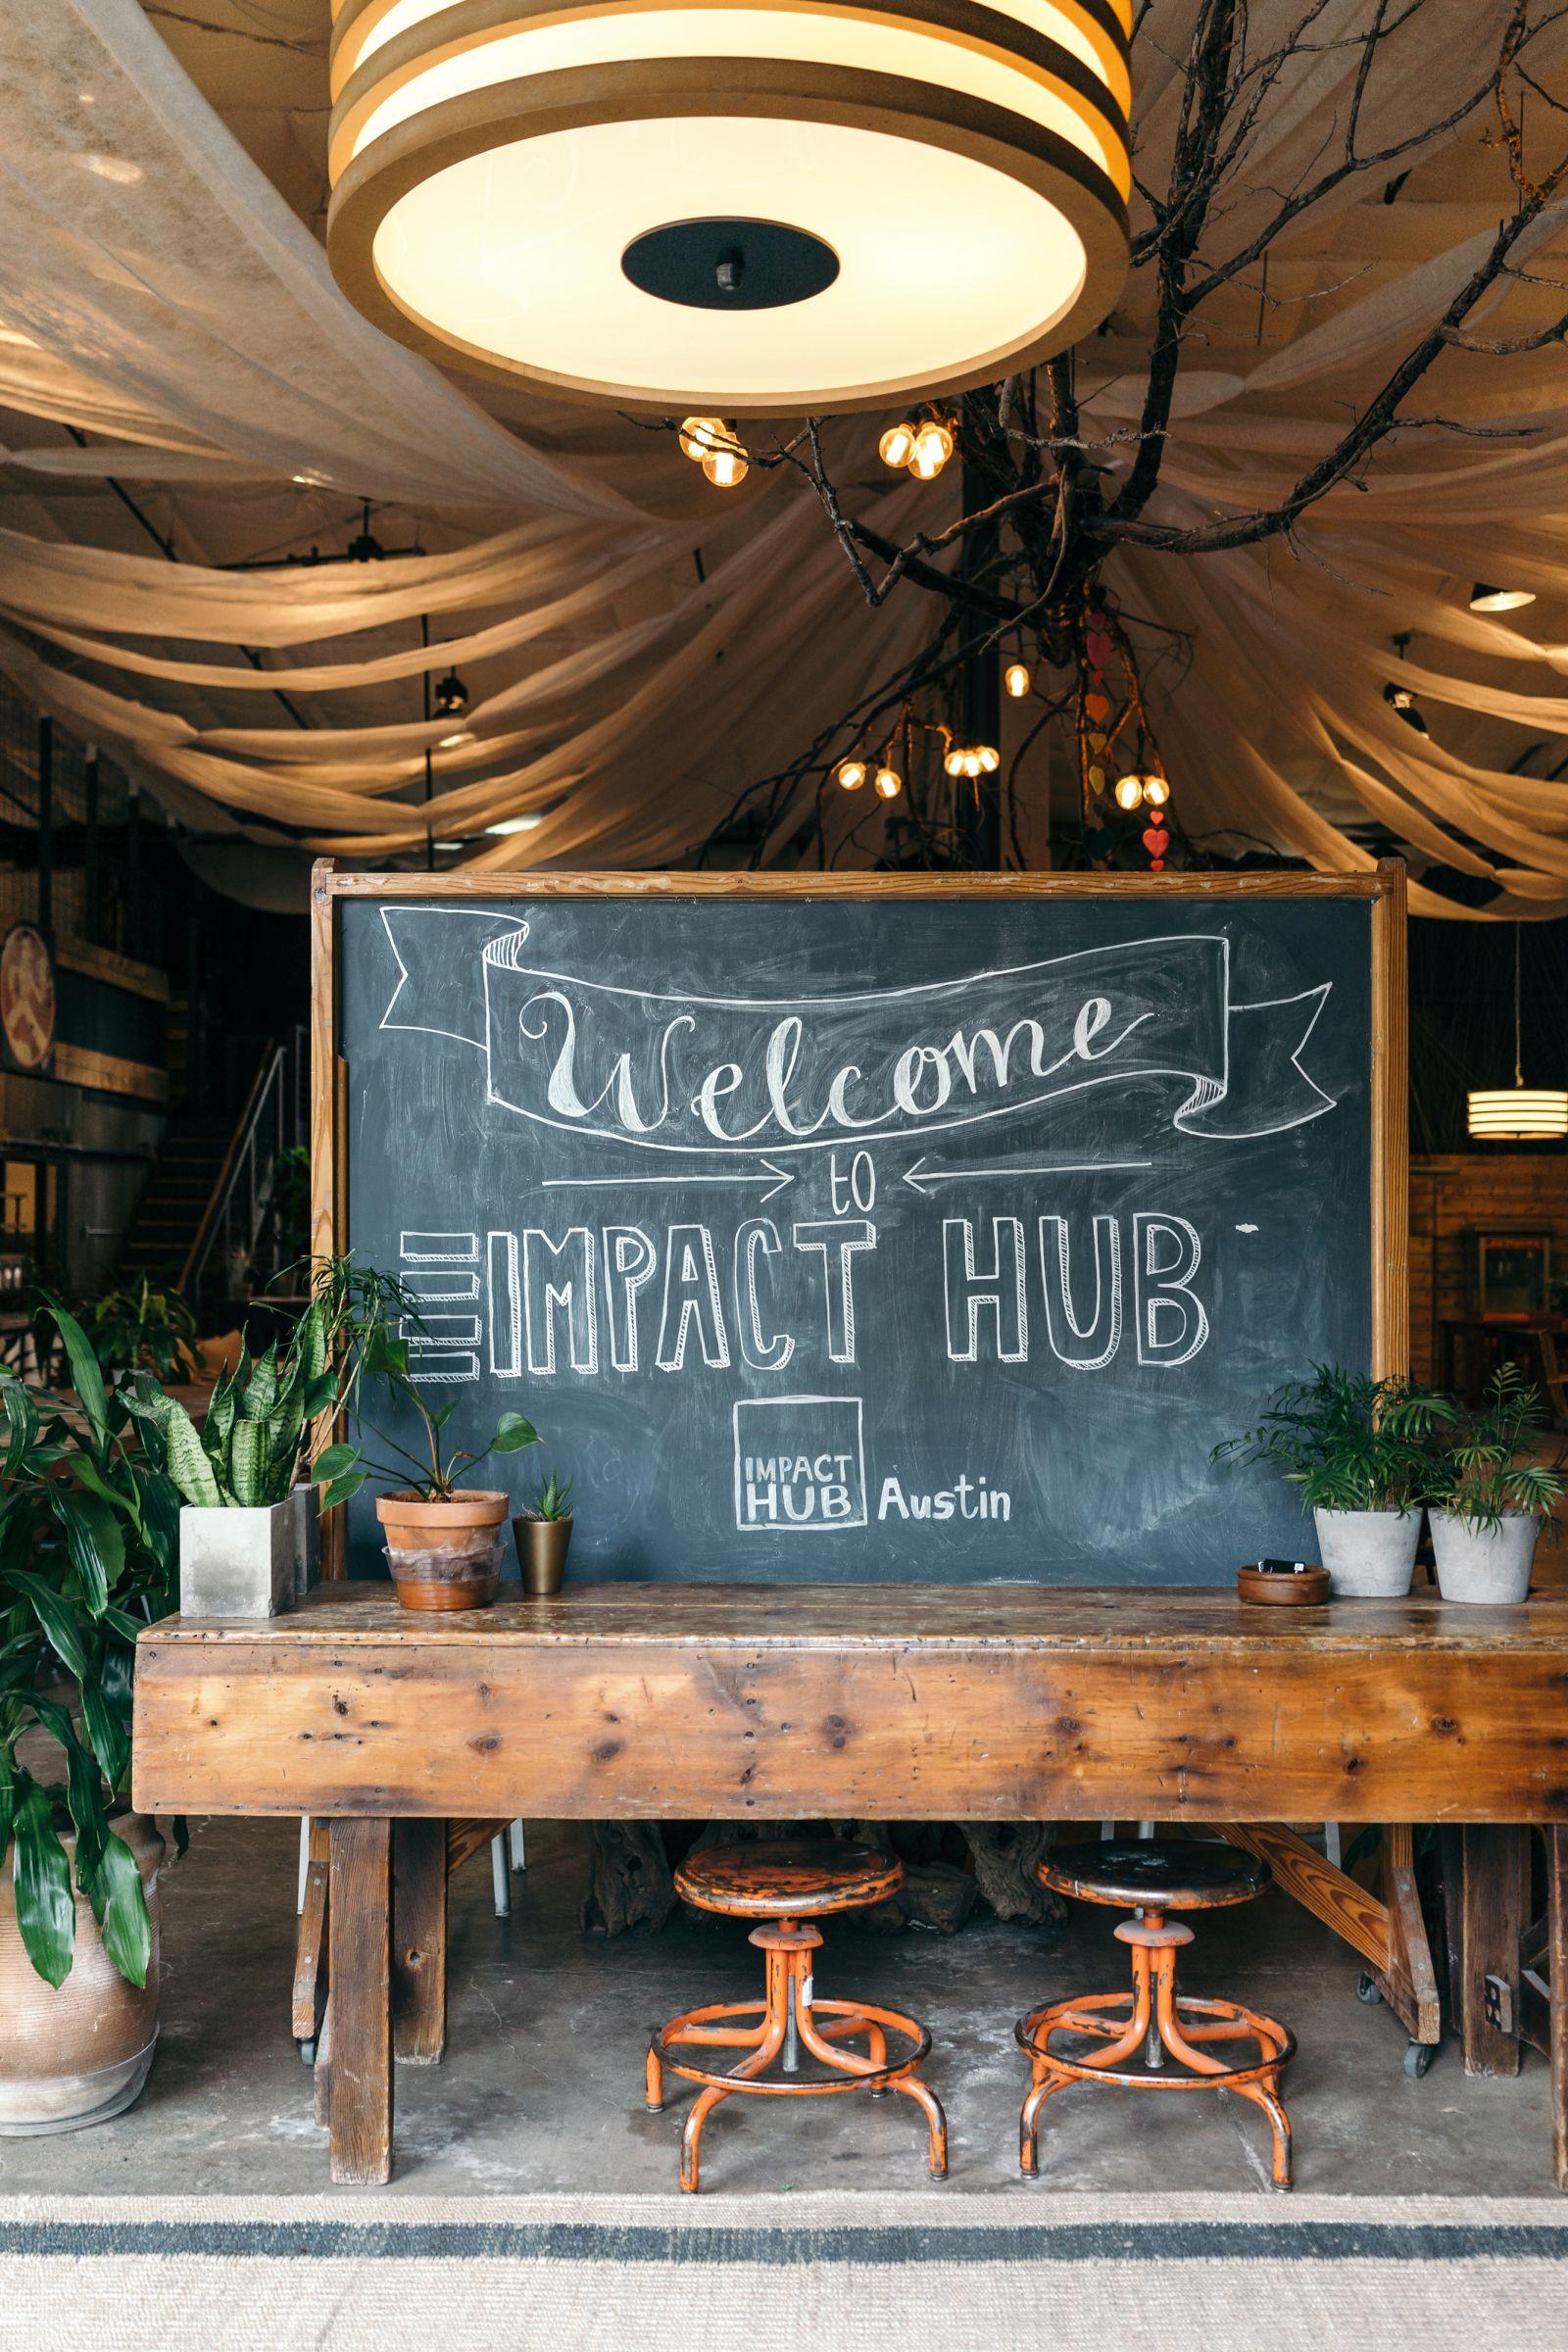 Impact Hub Austin, Austin